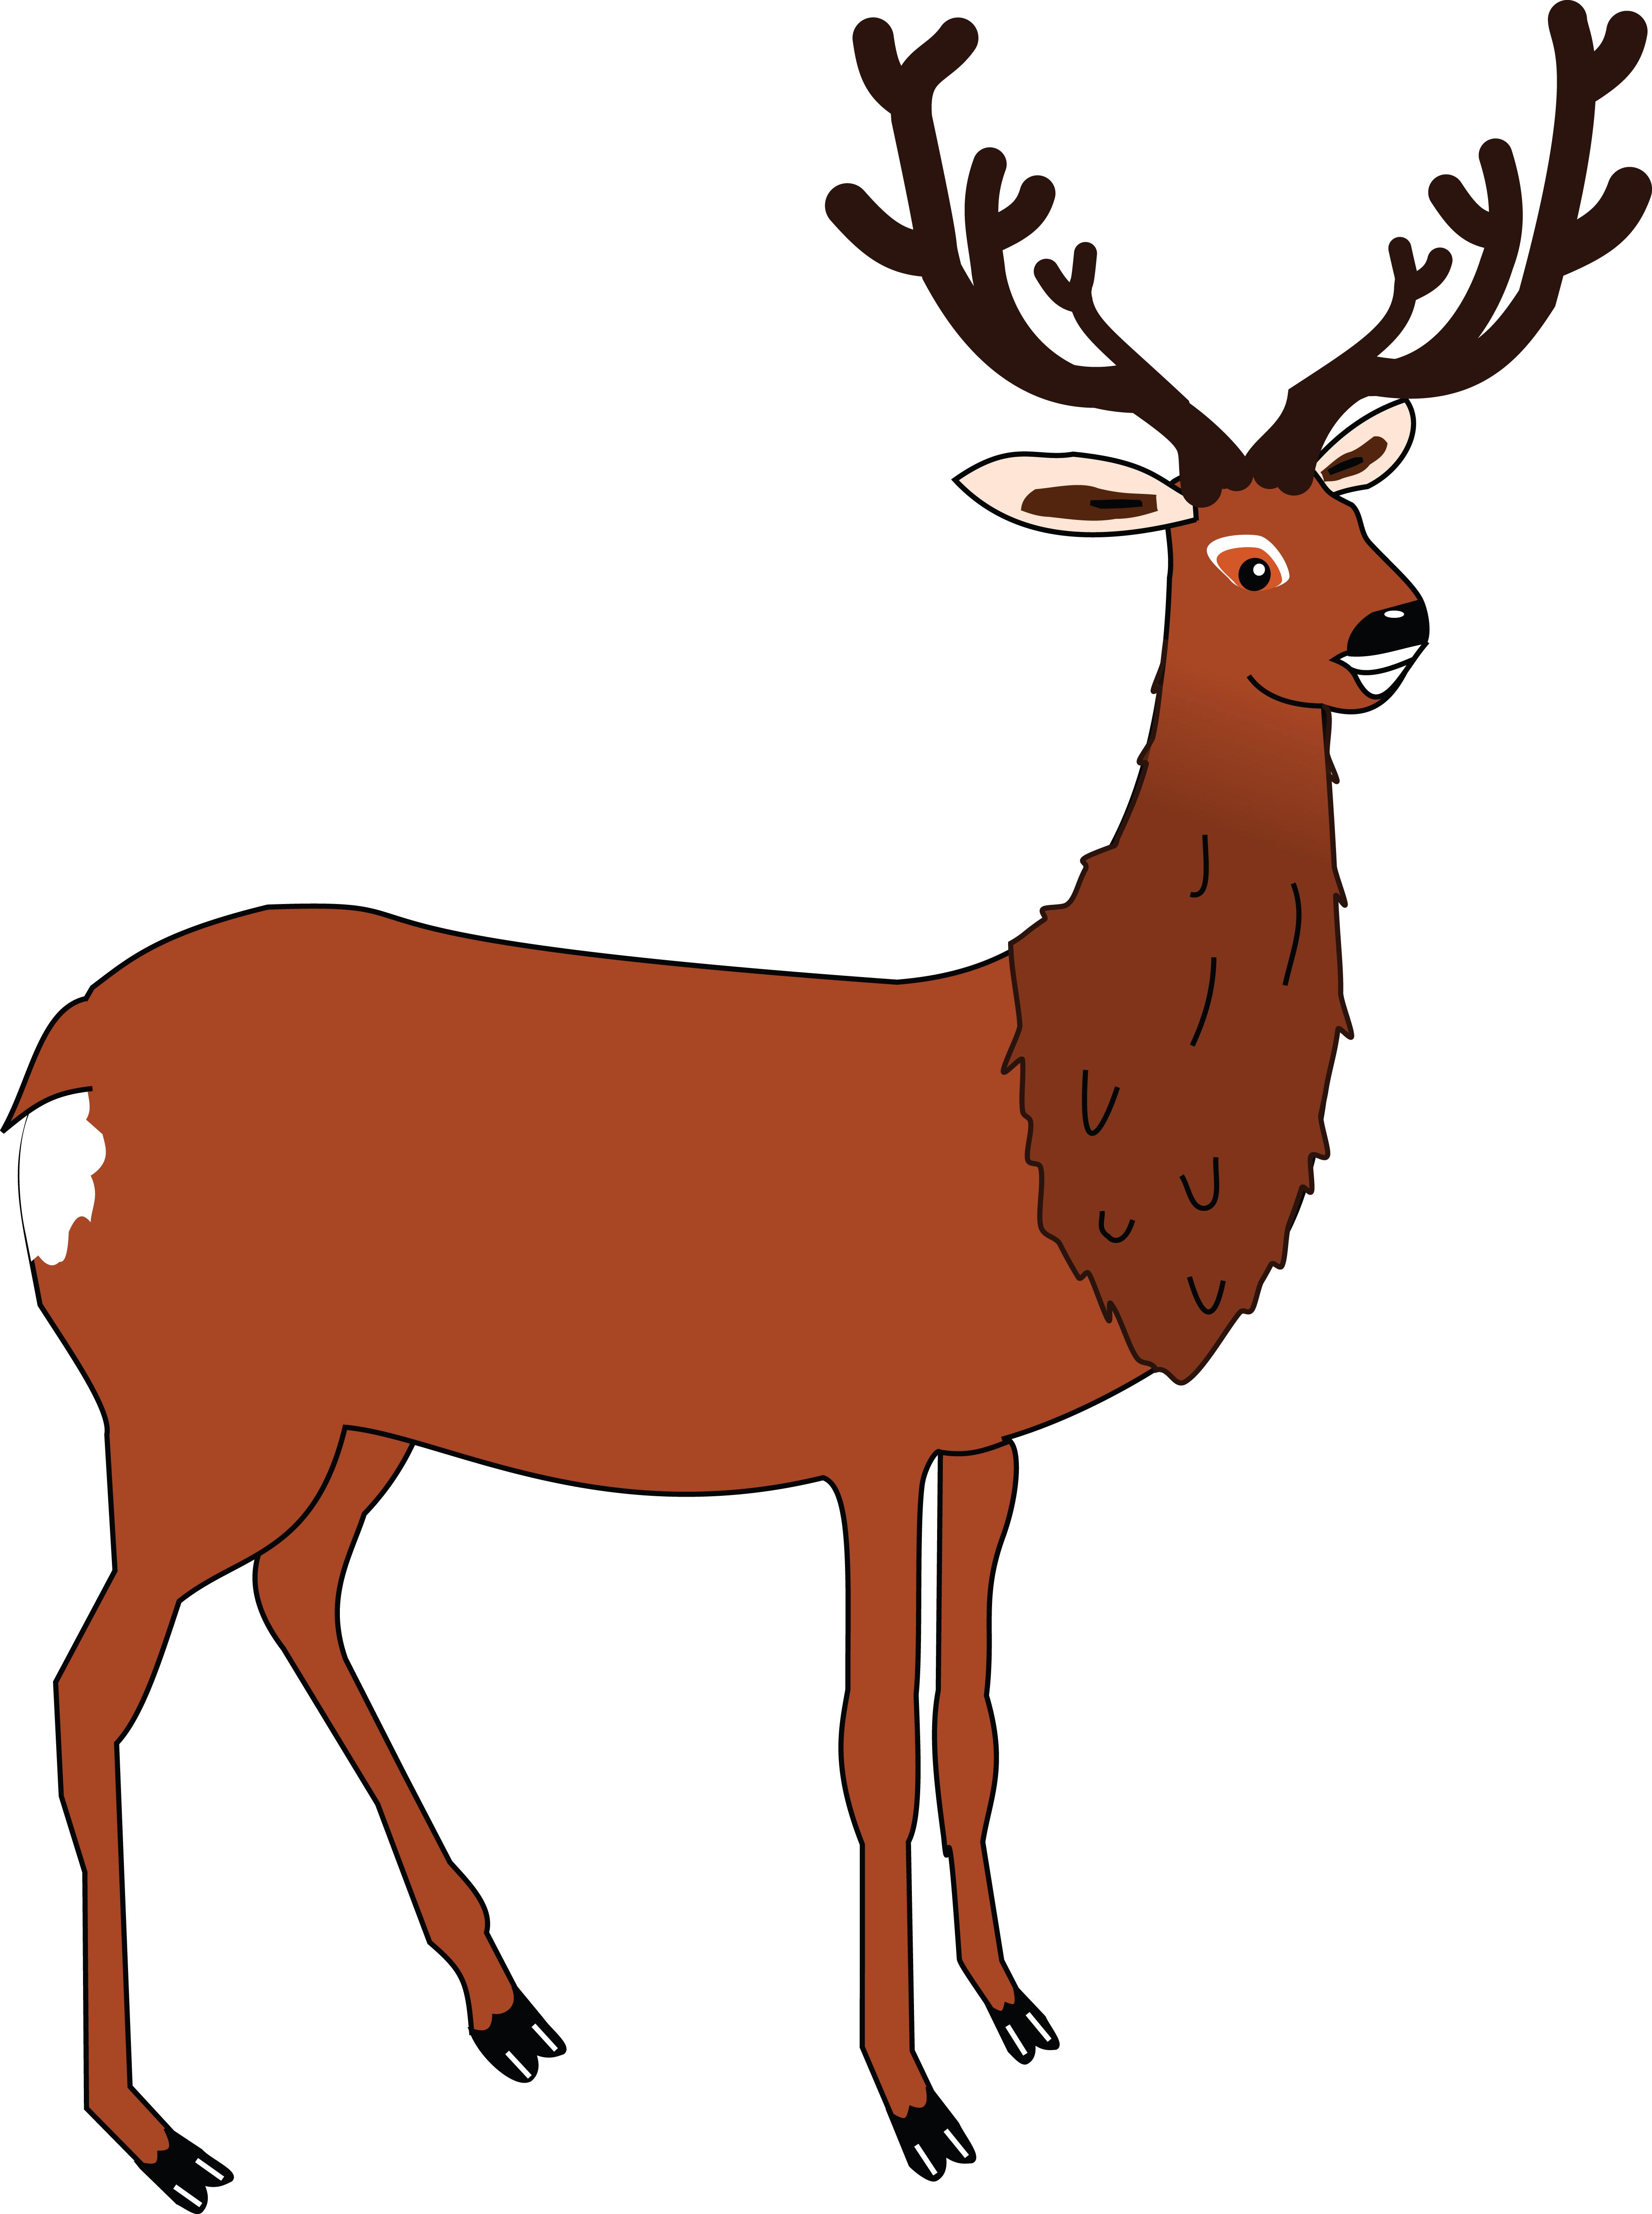 Free Clipart Of A buck deer.